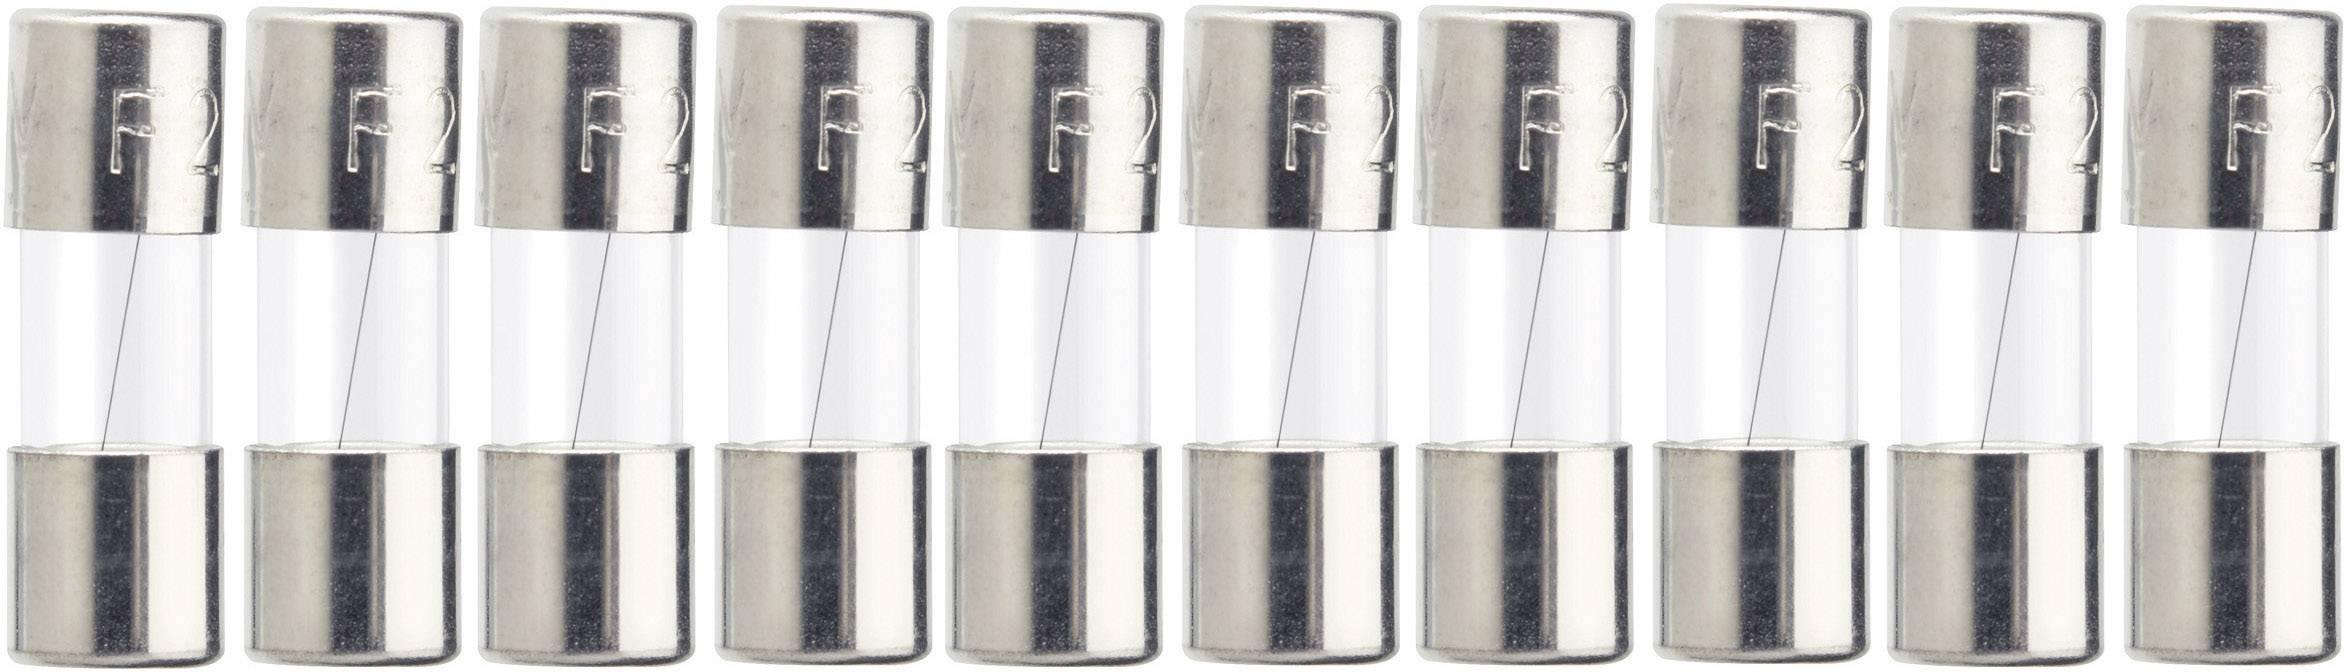 Jemná poistka ESKA 515608, 0.125 A, 250 V, (Ø x d) 5 mm x 15 mm, rýchly -F-, 10 ks